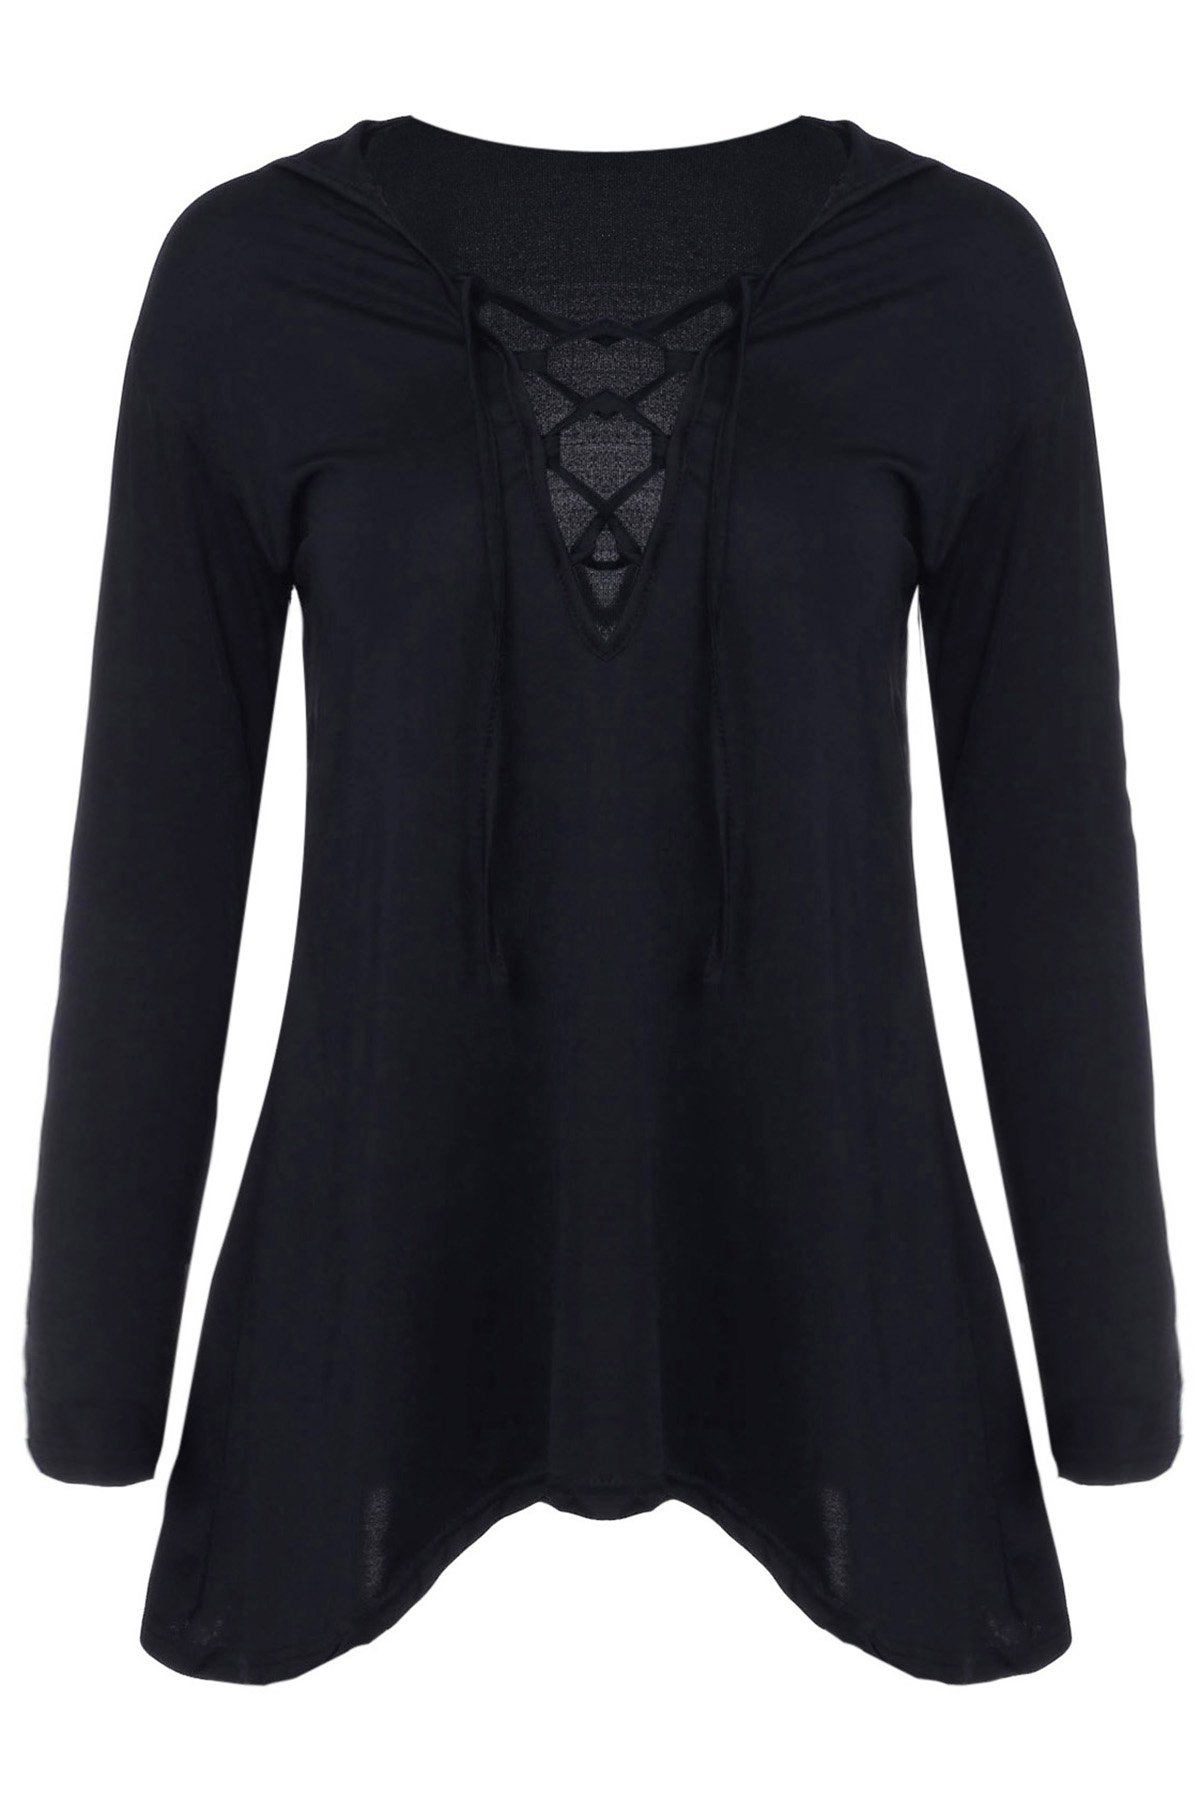 Hooded Irregular Hem Black T-Shirt